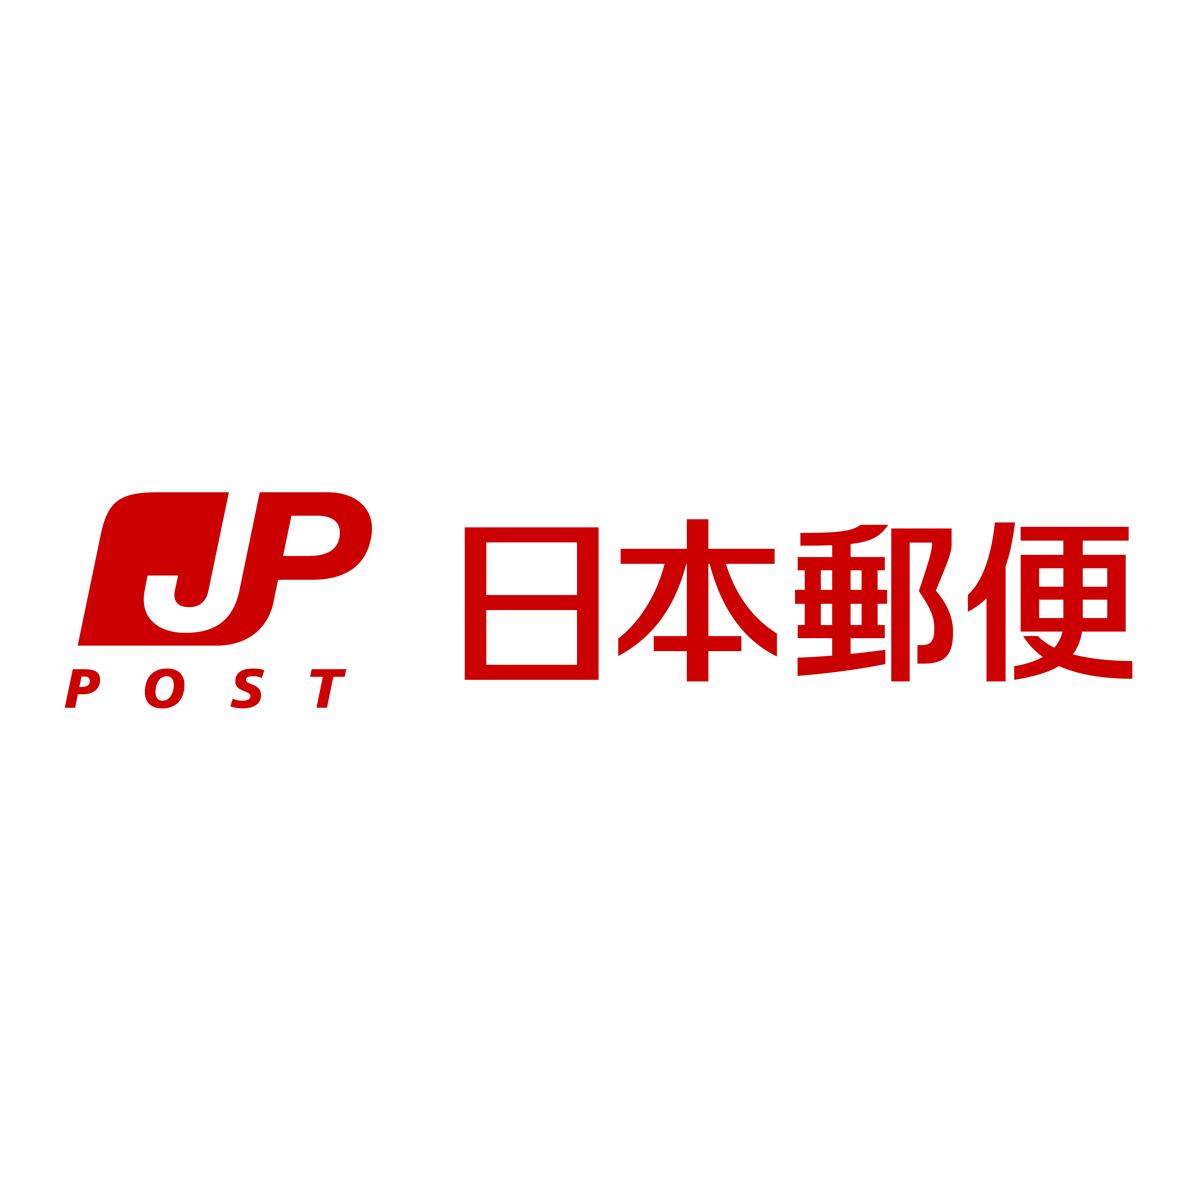 画像: お年玉賞品のご案内 | 日本郵便株式会社